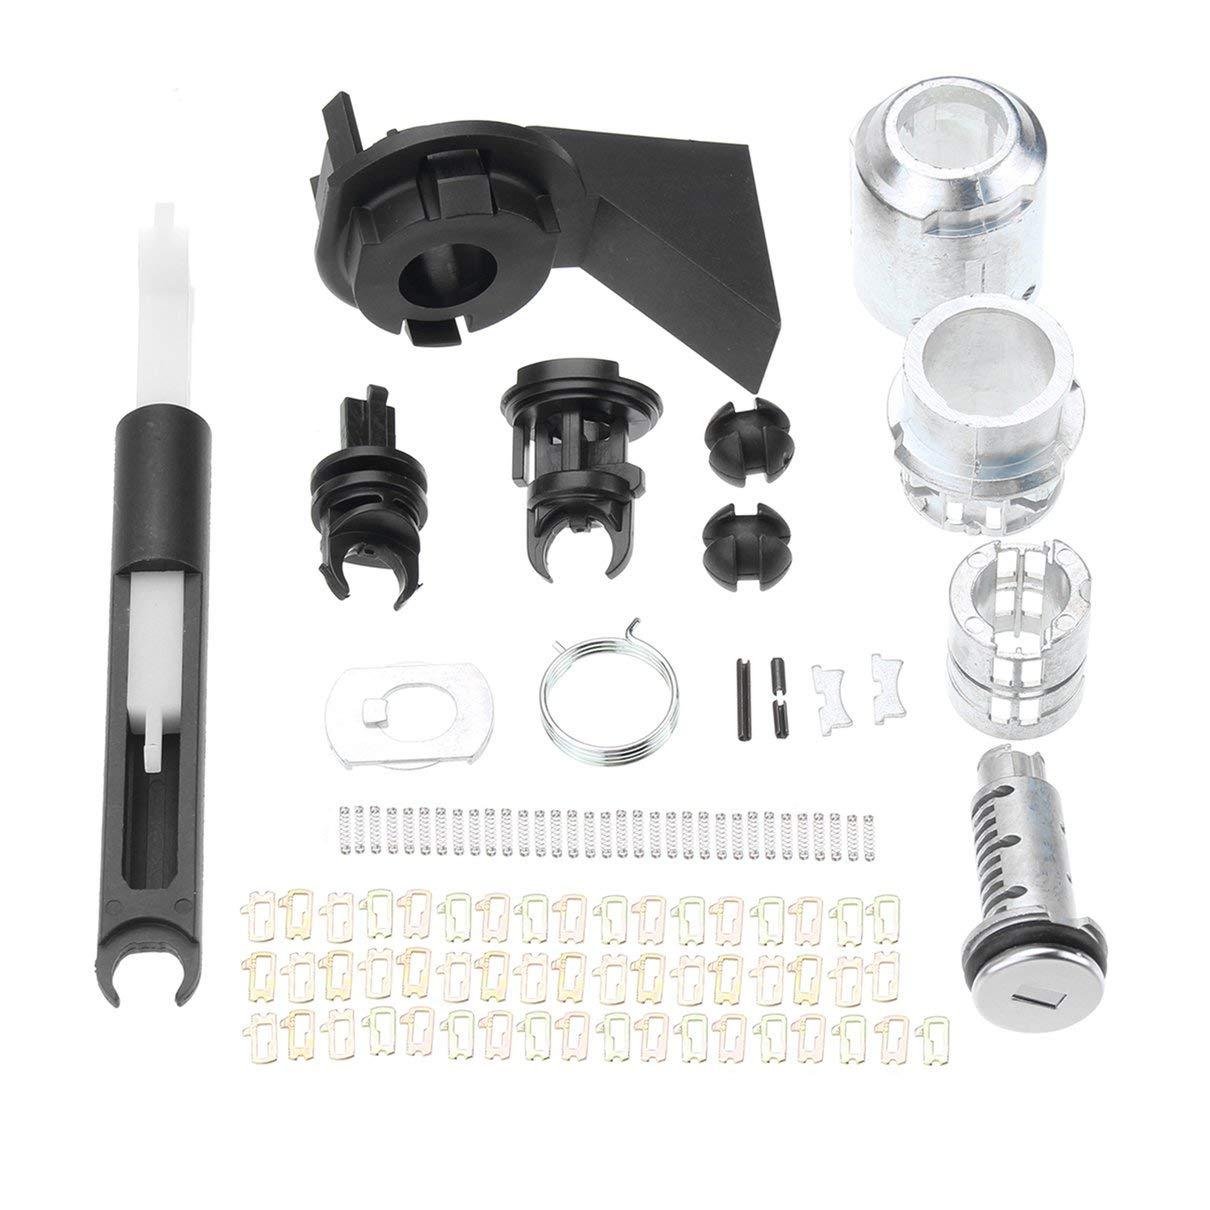 Bonnet de dé verrouillage Kit de ré paration pour Ford mentonnet Focus MK2 2004-2012 1.355.231 Serrure de Porte Ré paration Kits d'outils Set Bellaluee